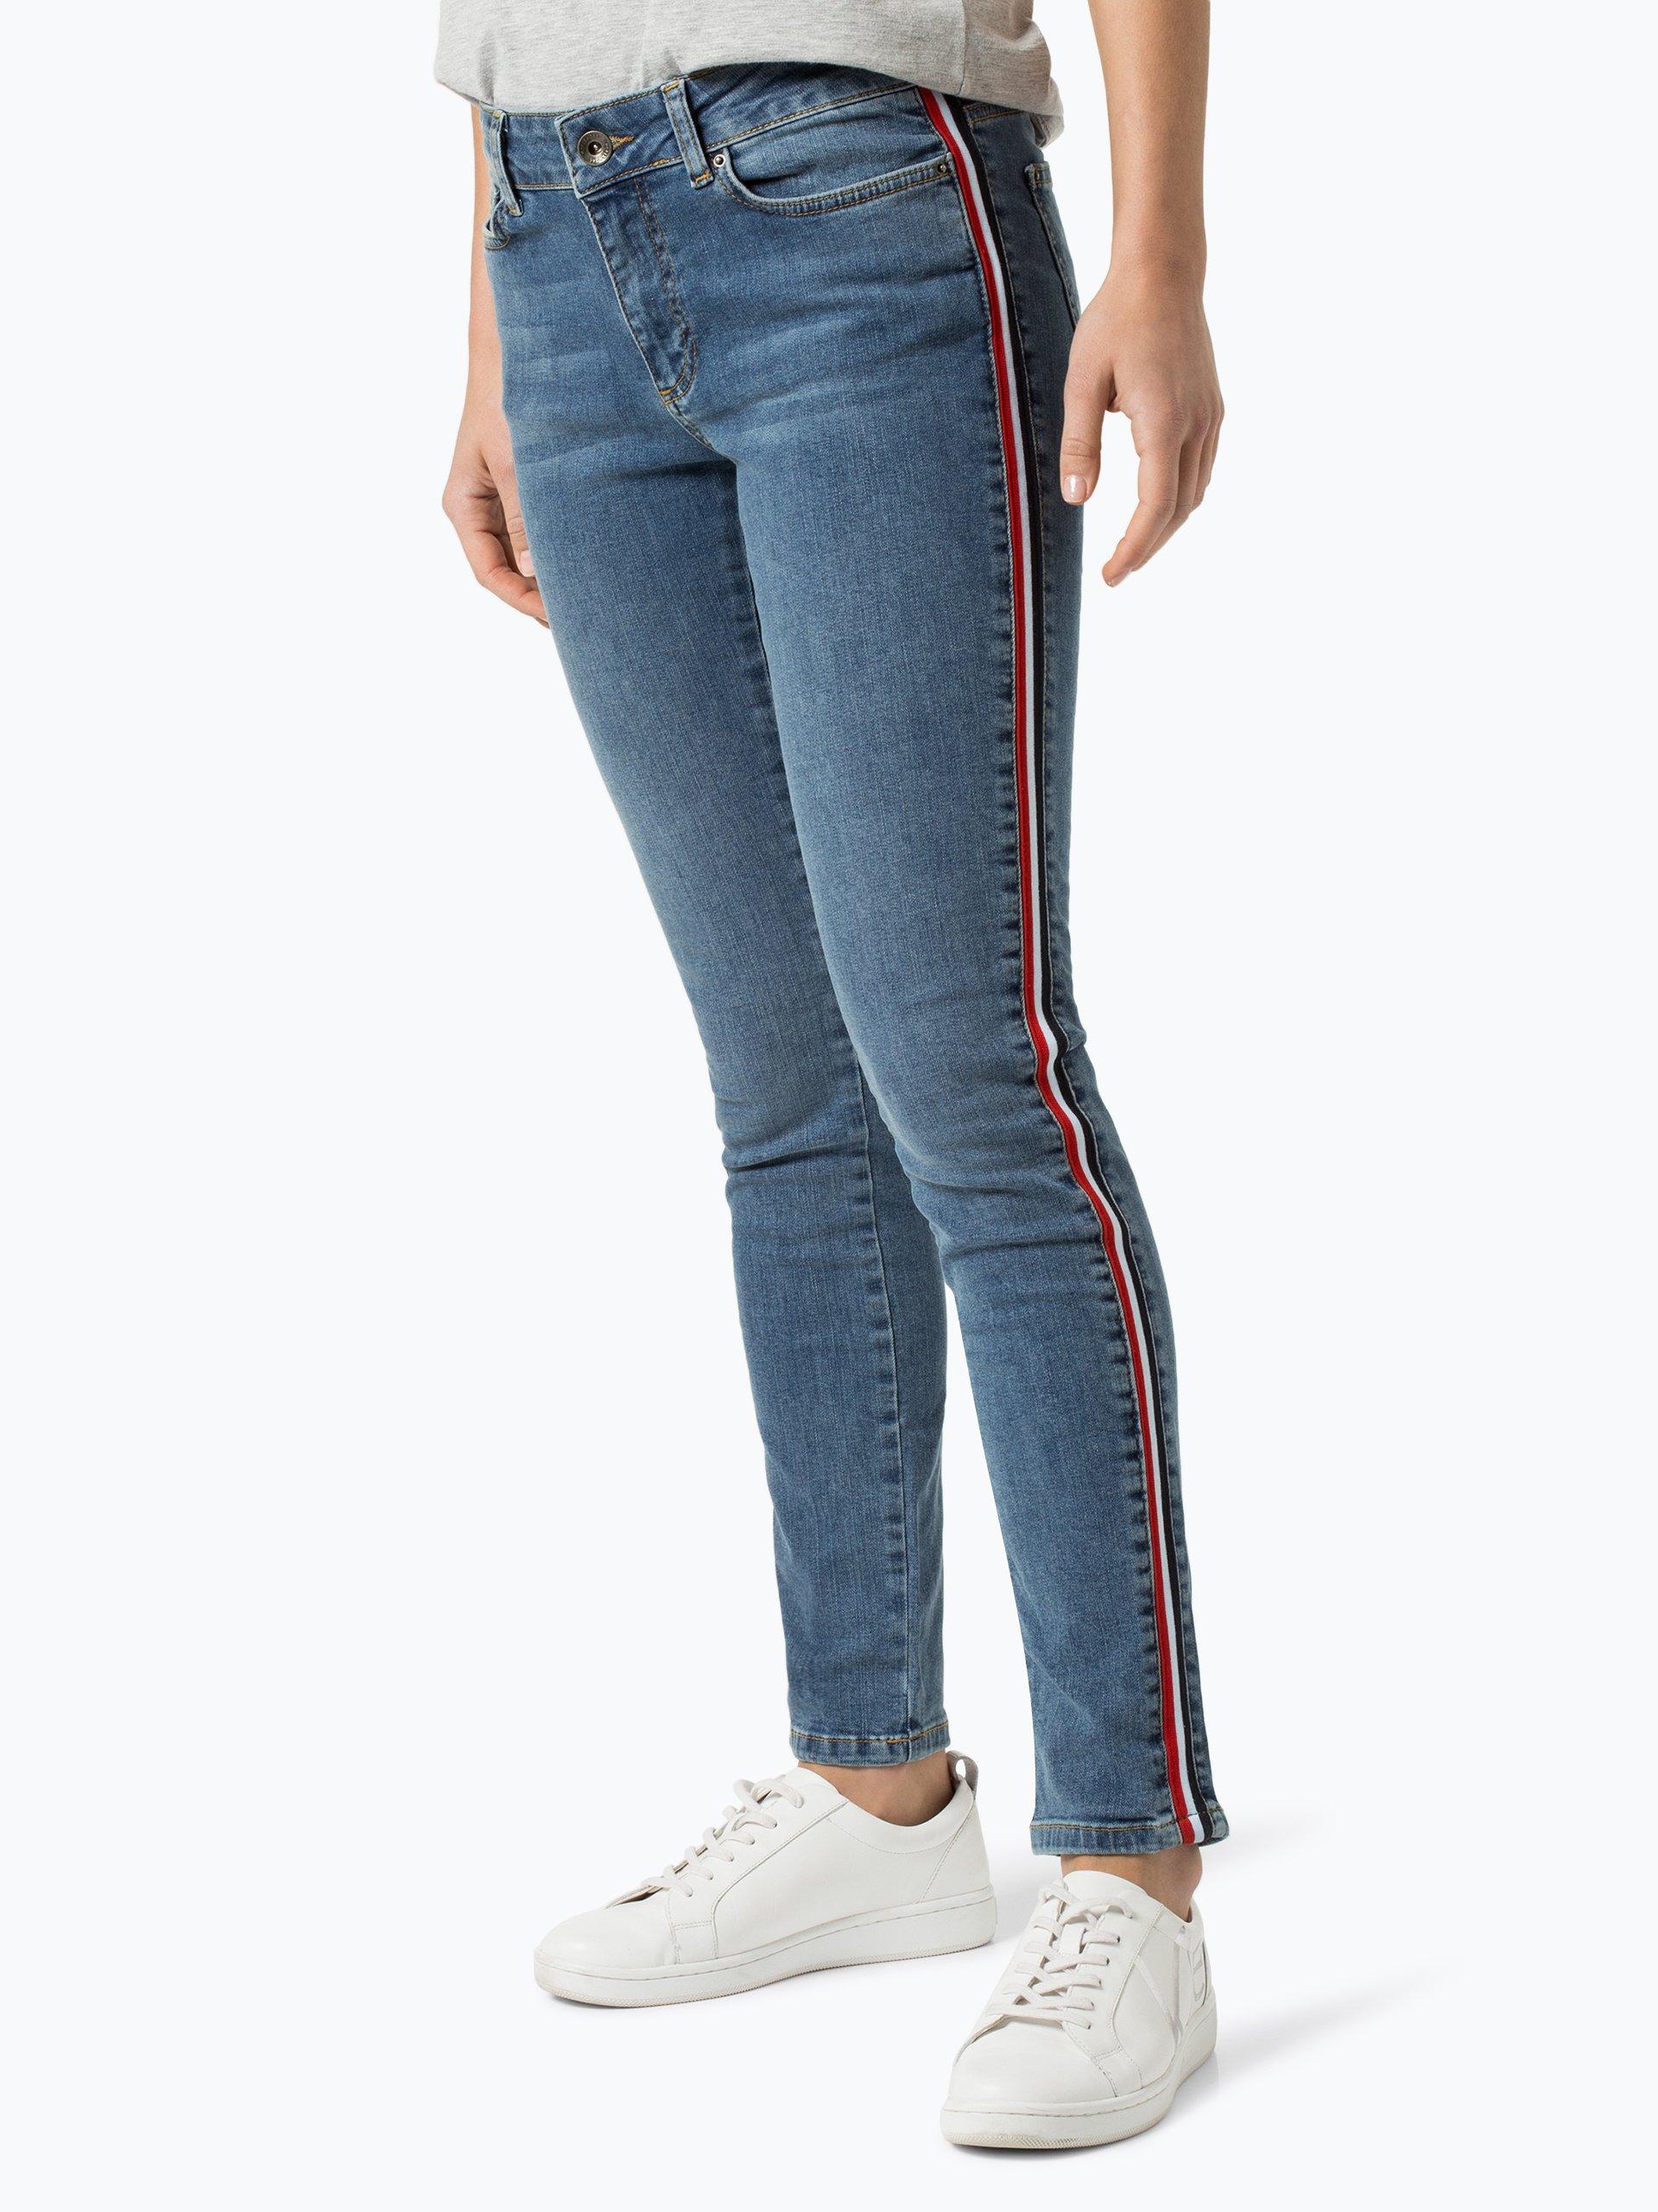 More & More Damen Jeans Hazel online kaufen | VANGRAAF.COM